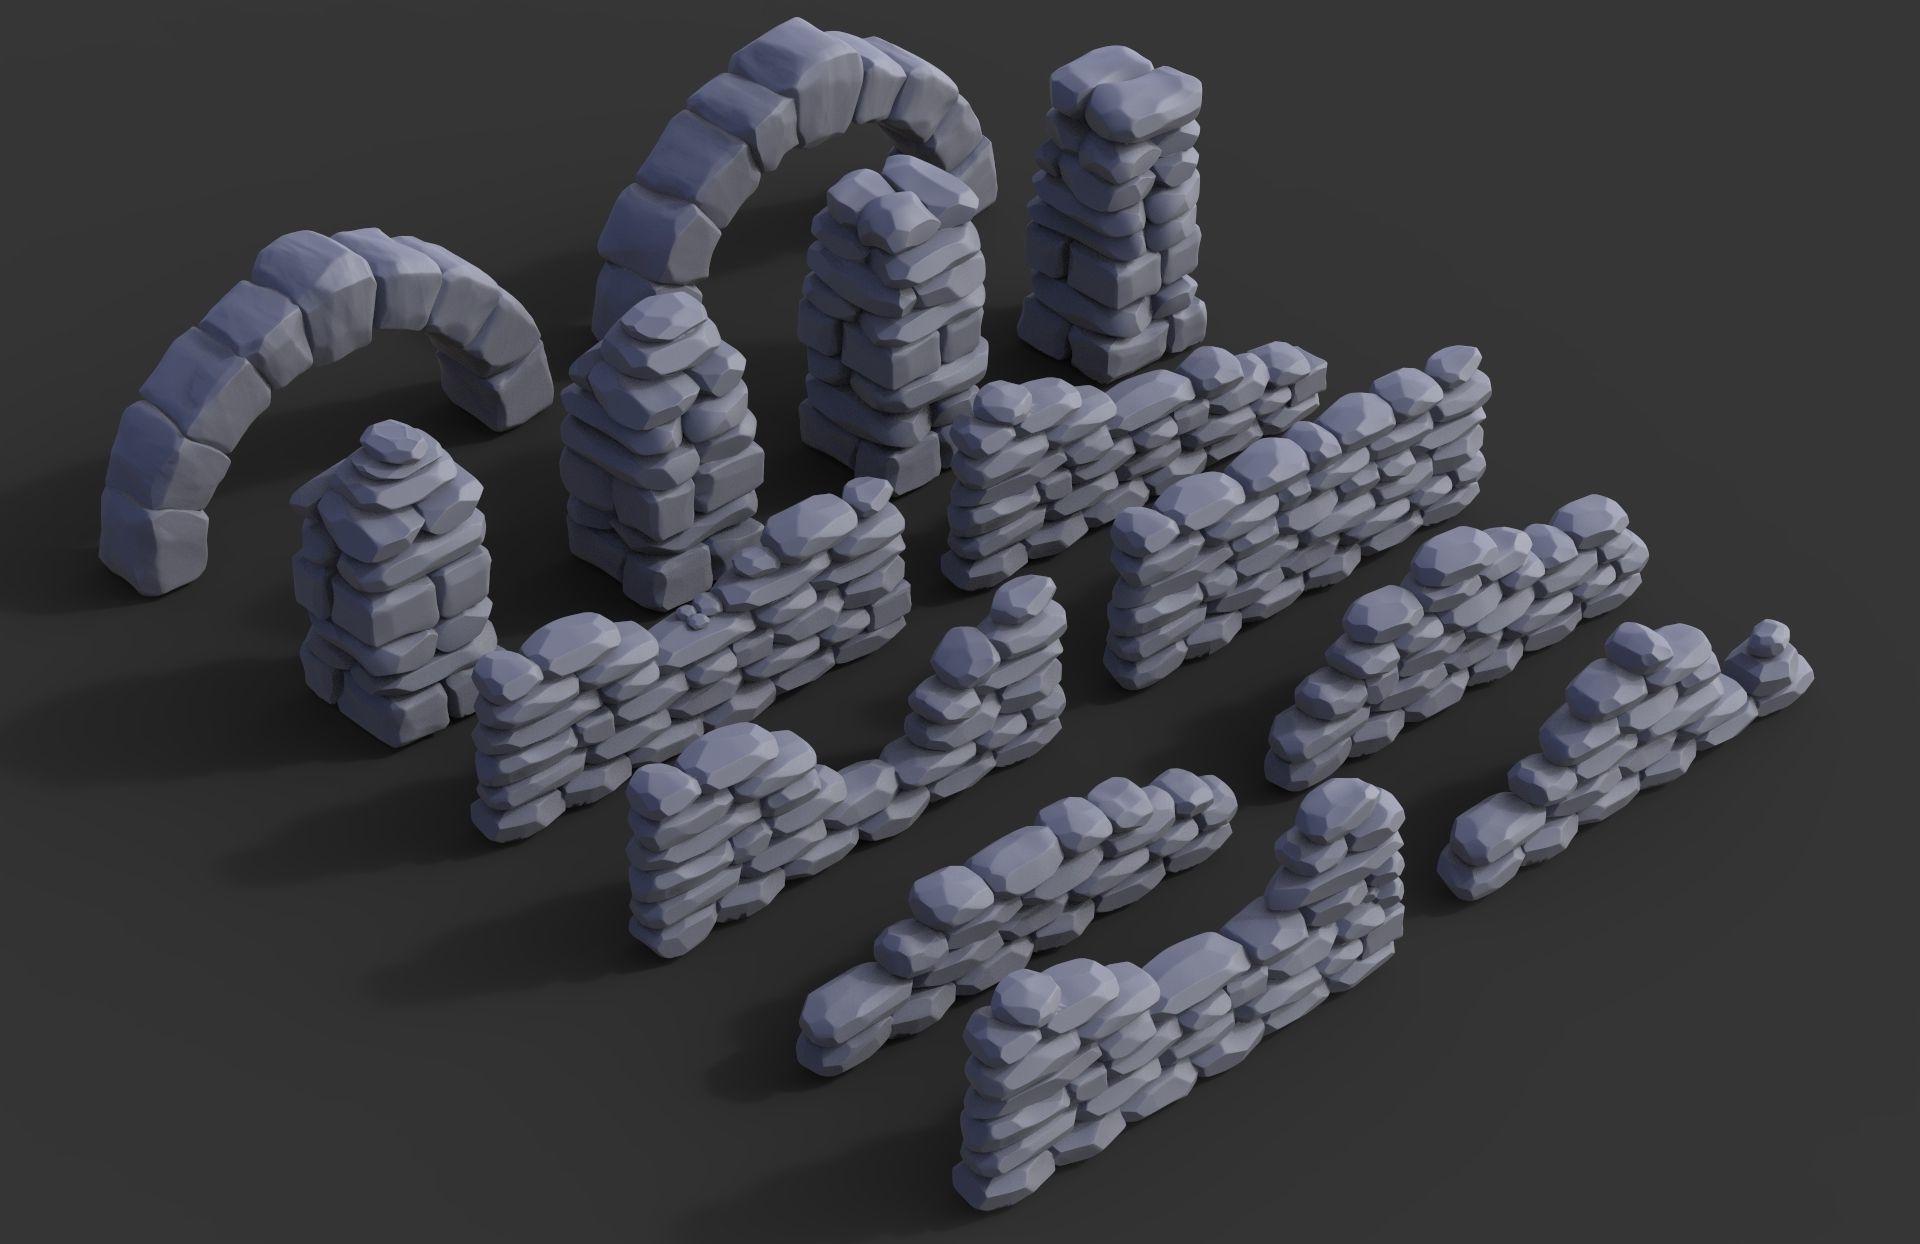 Stone walls and pillars for wargaming